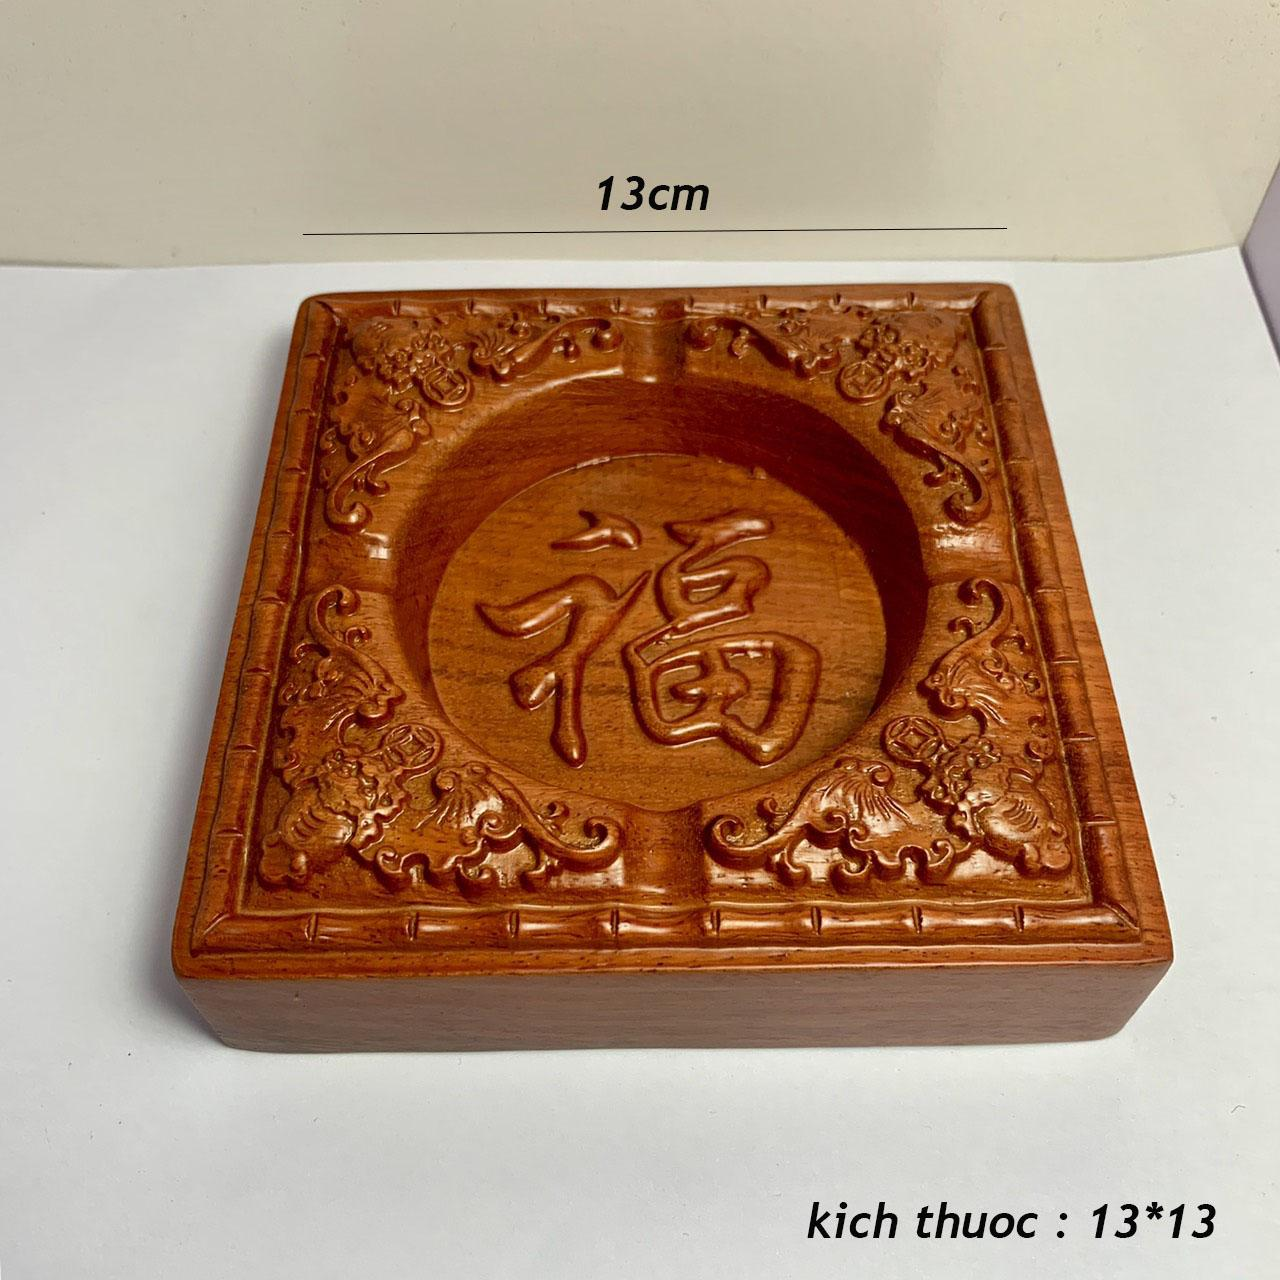 Gạt tàn thuốc gỗ hương đỏ nguyên khối mặt chạm chữ phong thủy ( 13cm*13cm*3cm )